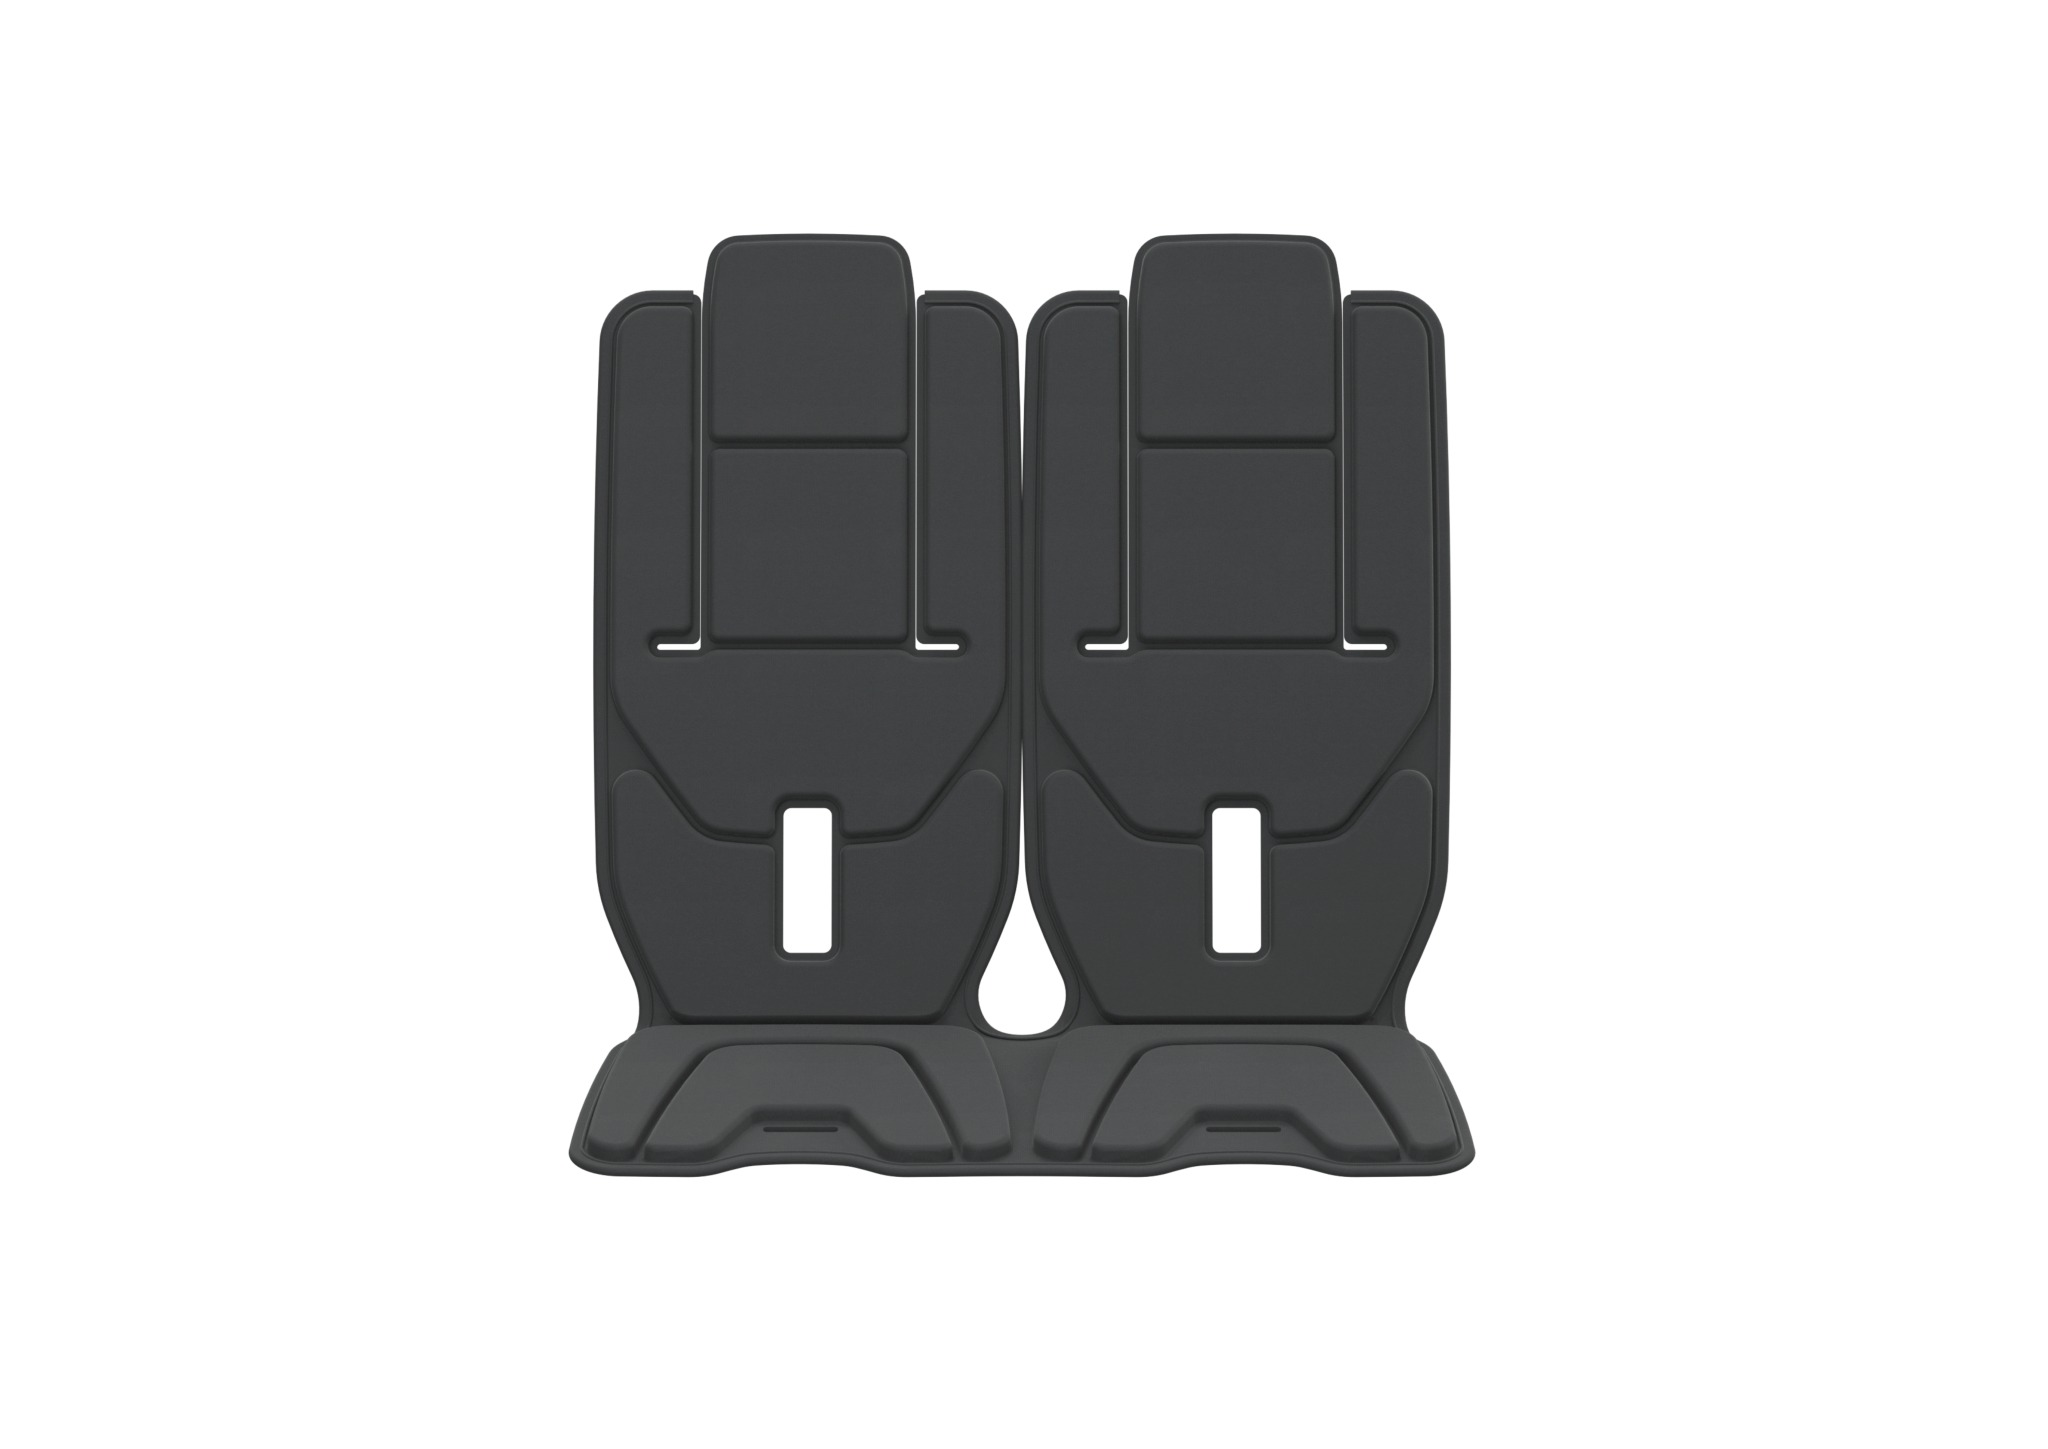 THULE Chariot - Wkładka na siedzisko, podwójna